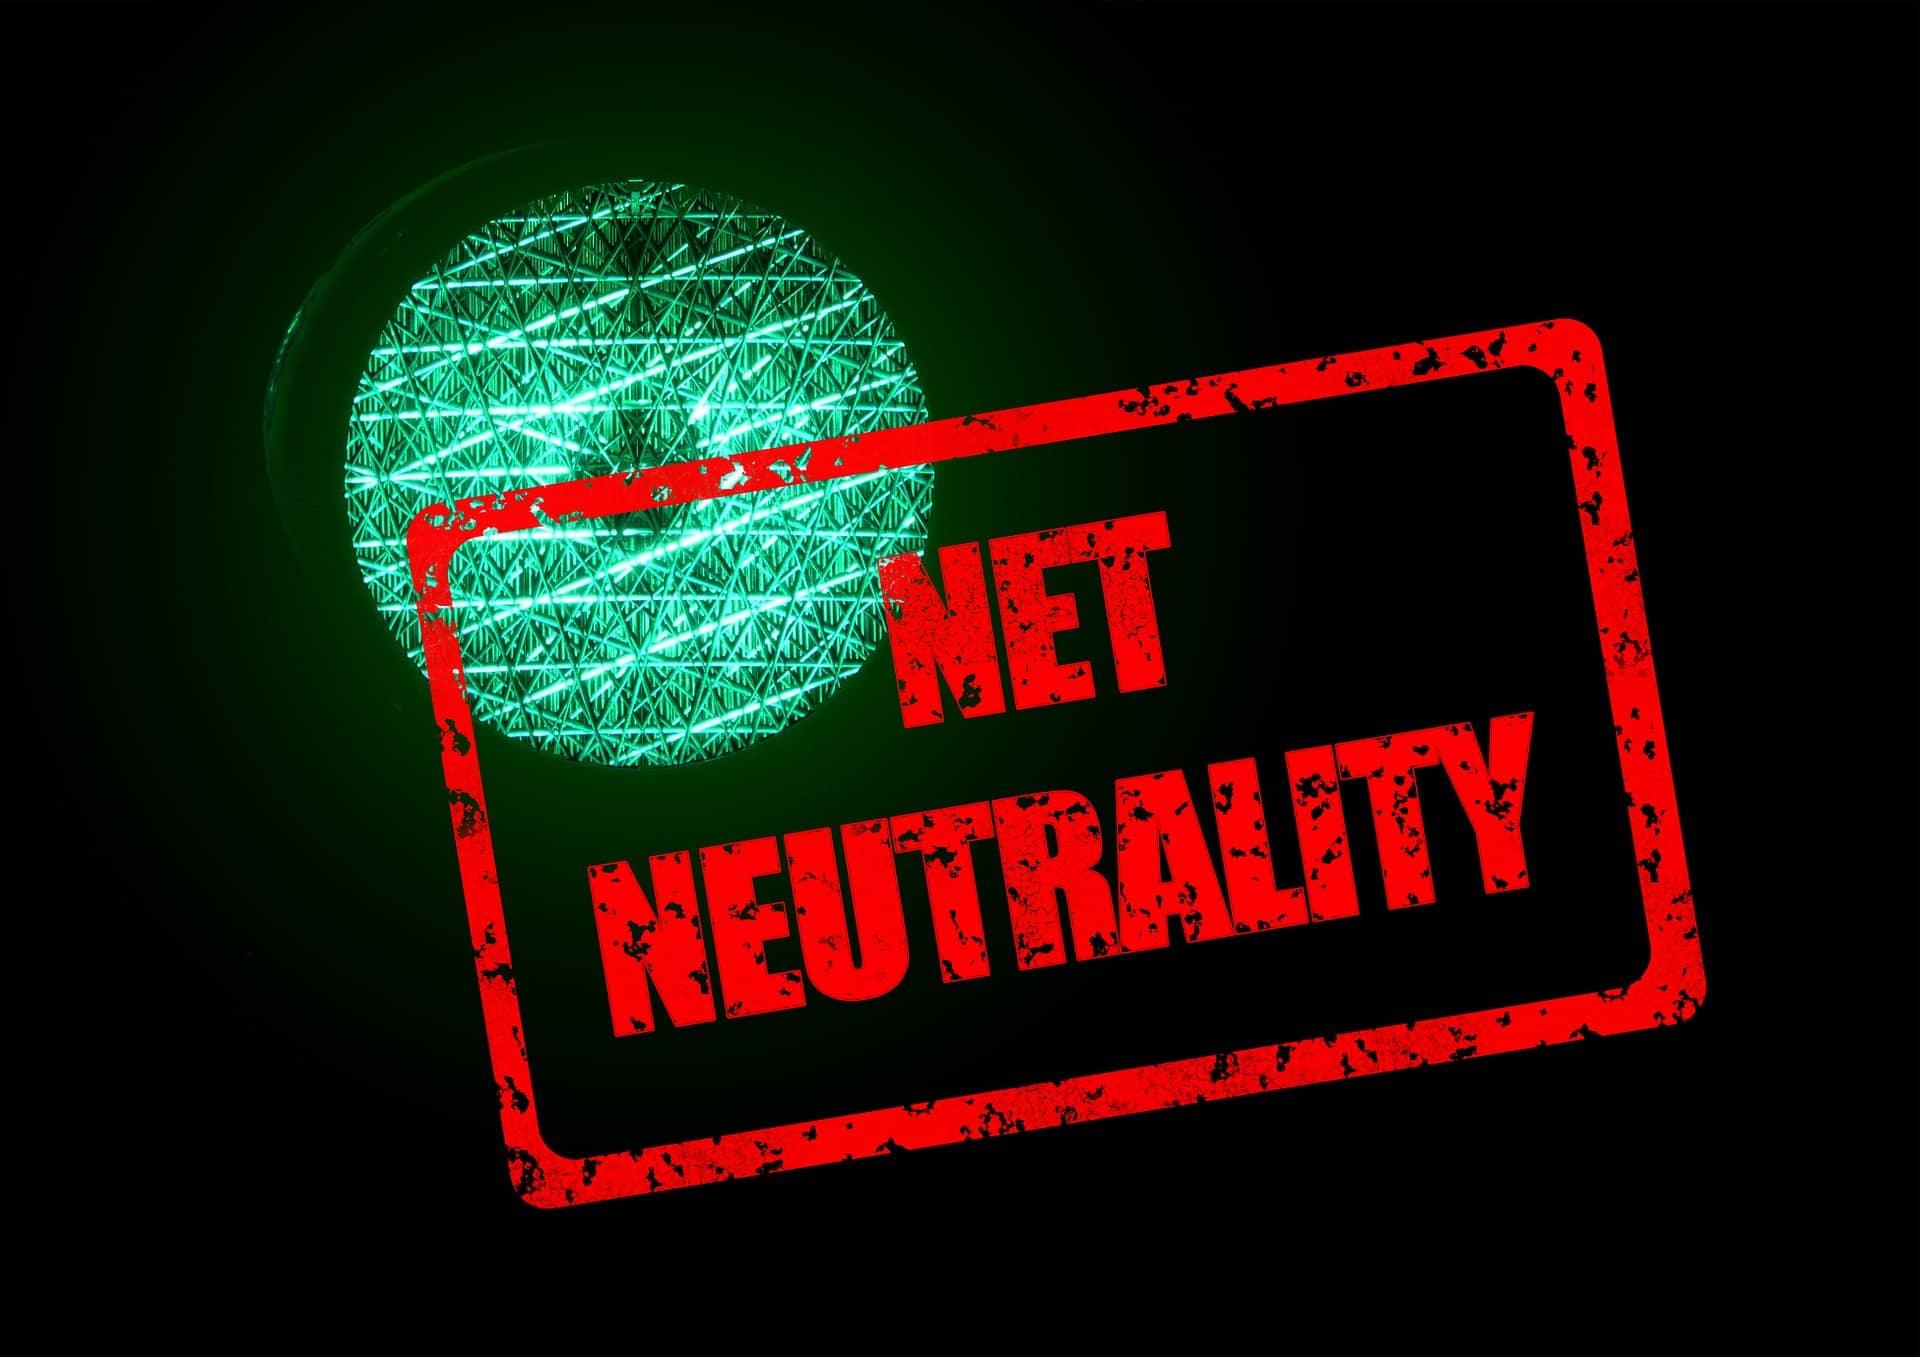 net neutrality 1013503 1920 1